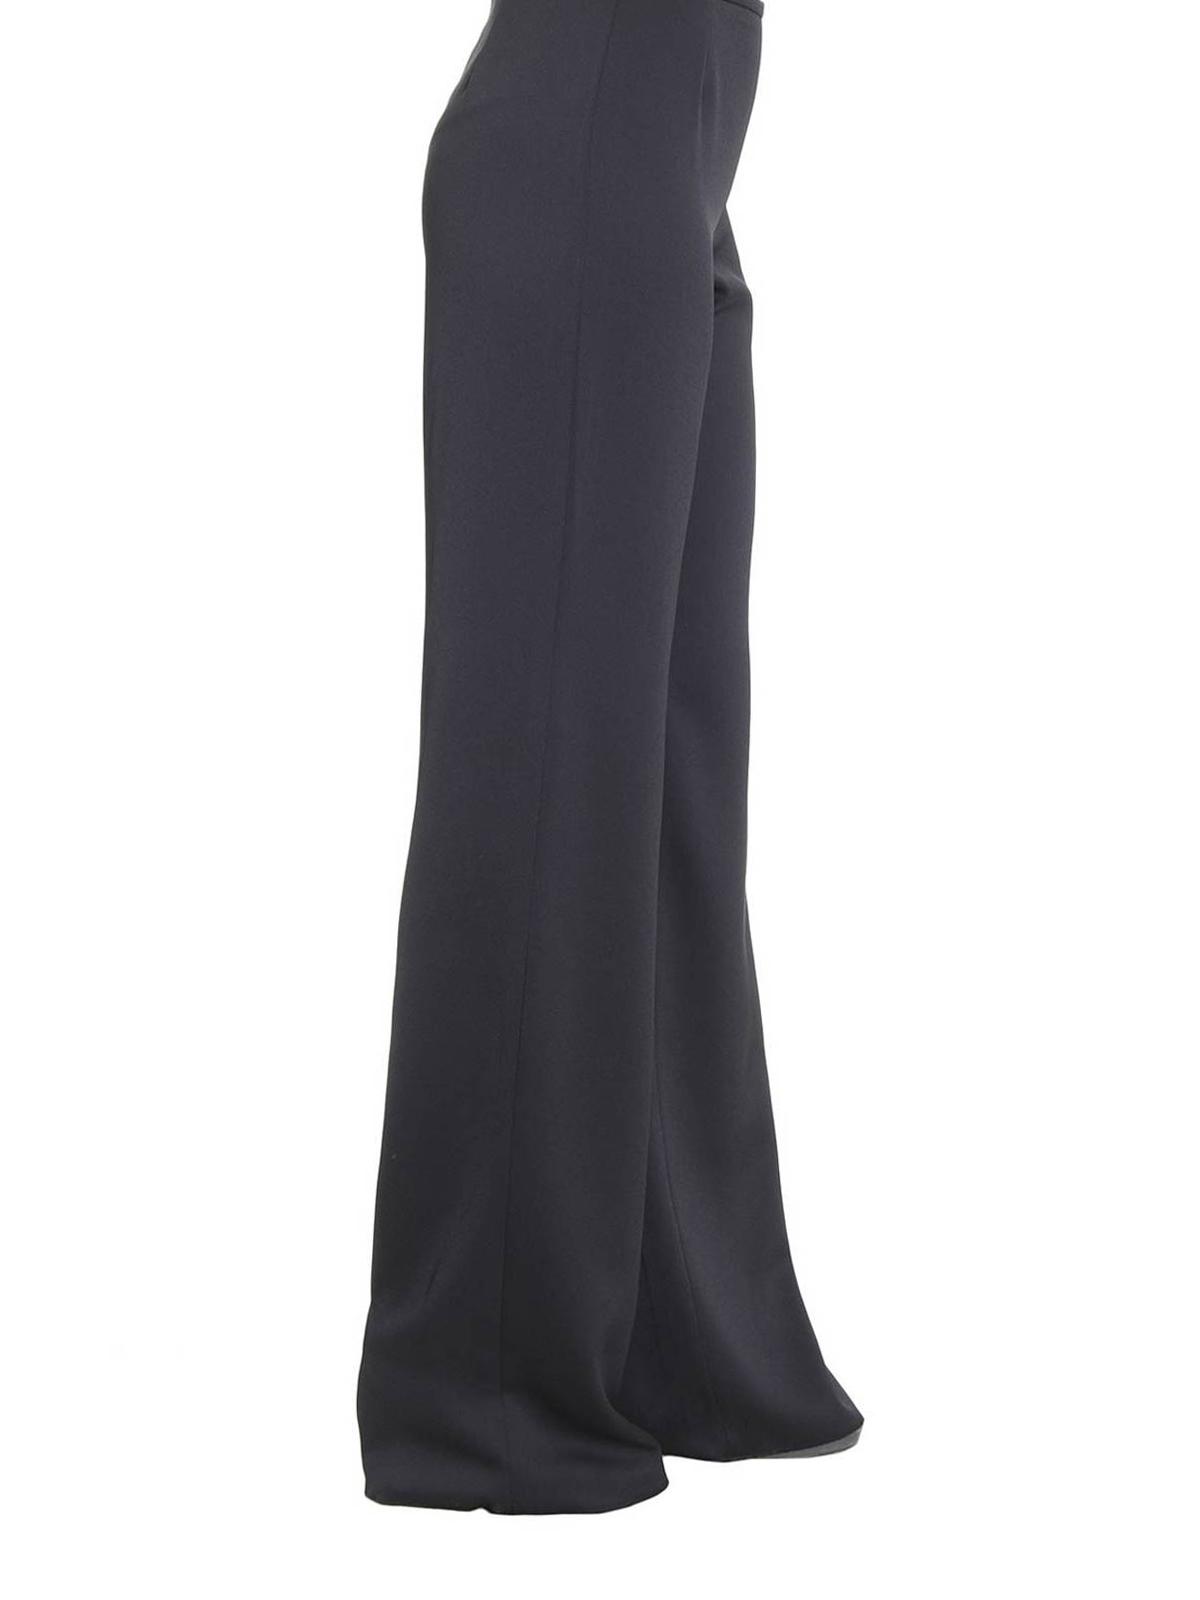 0d10ed7e6868 ARMANI COLLEZIONI  Pantalons casual online - Pantalon Casual Noir Pour Femme